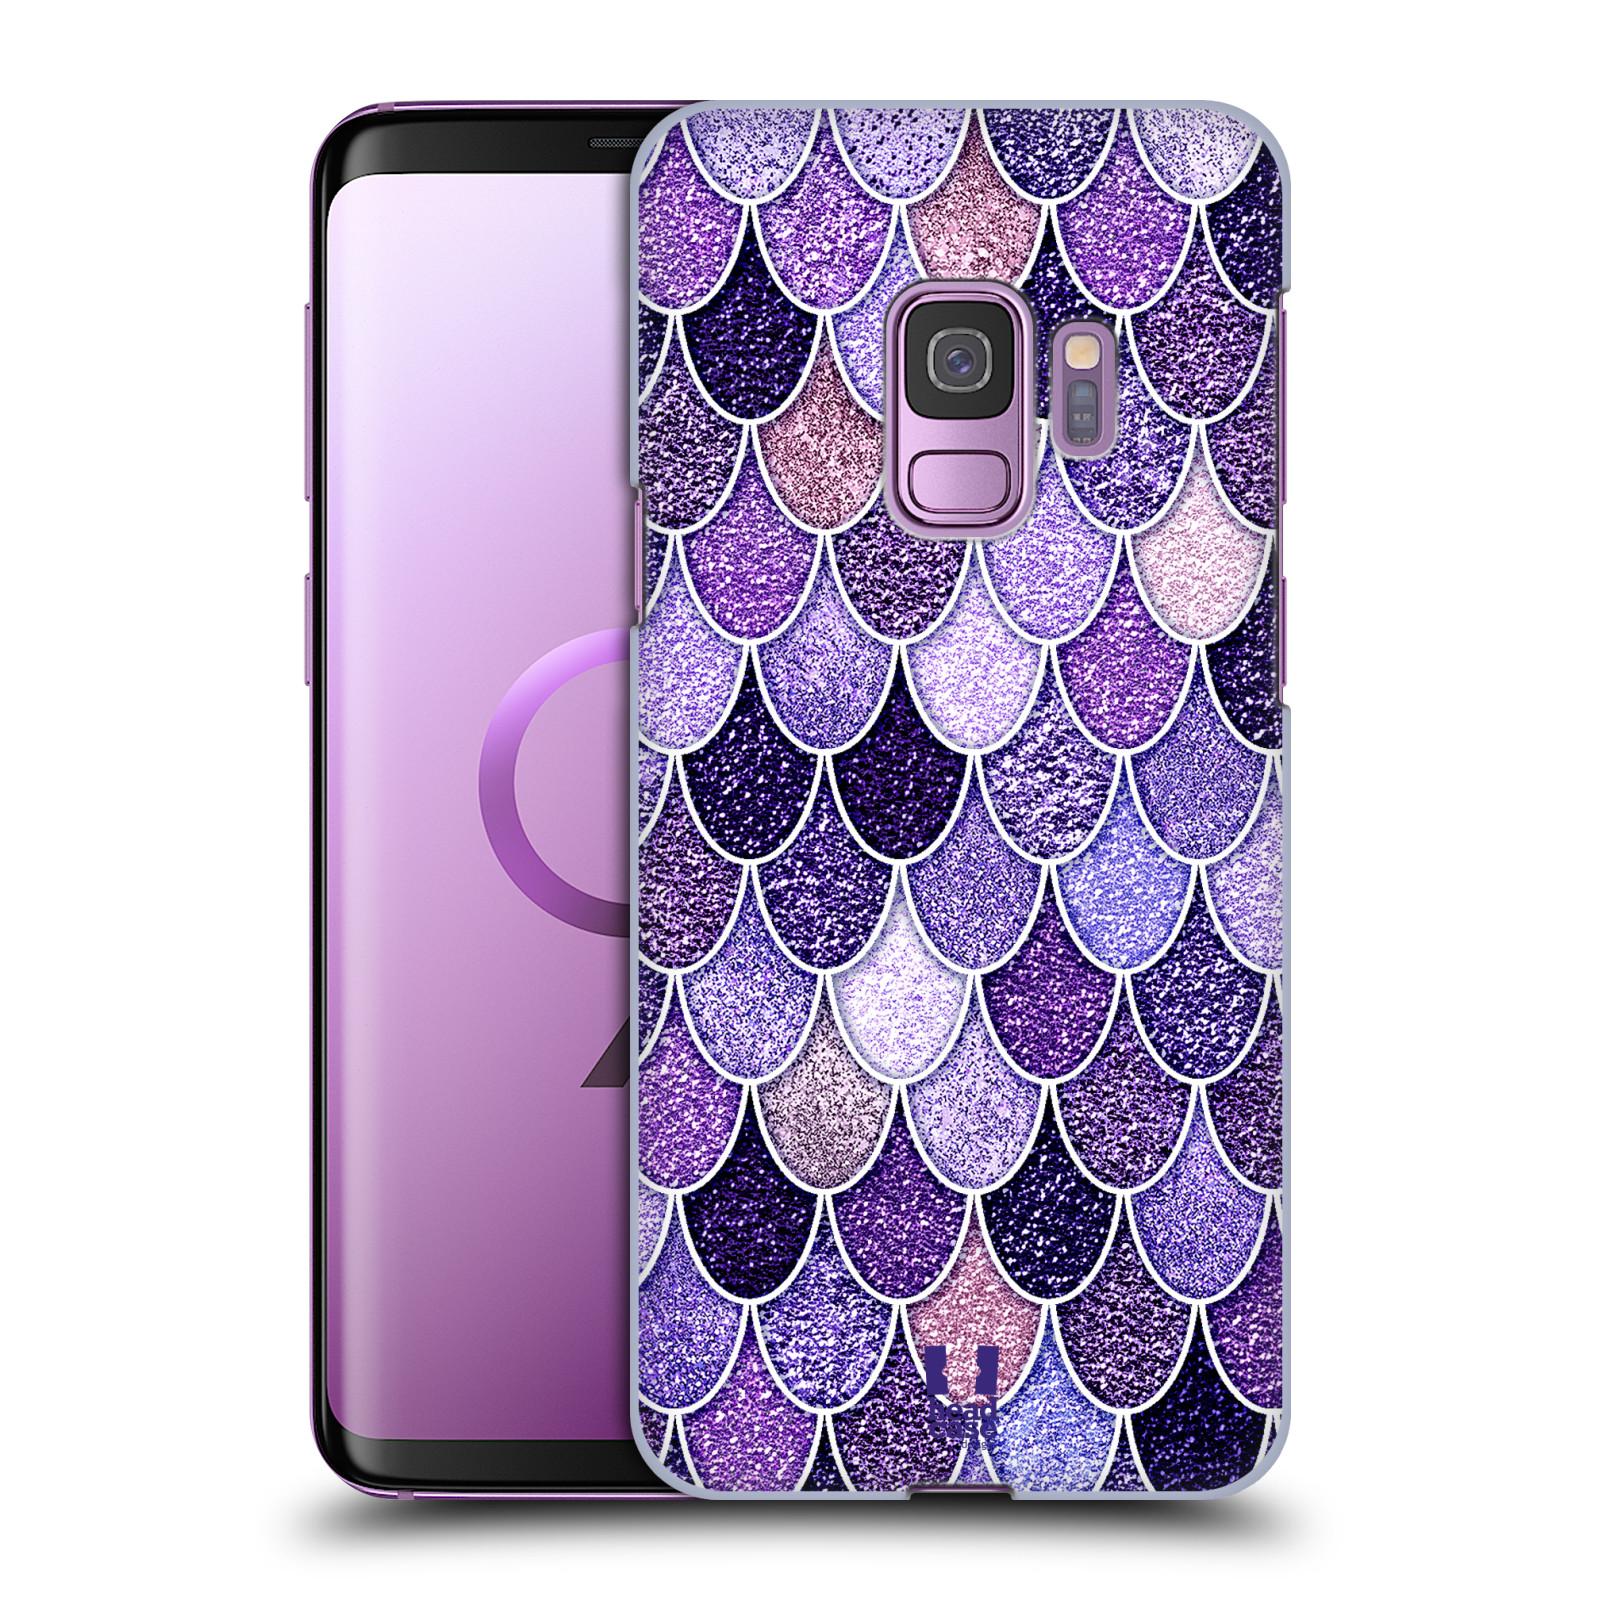 Case-Designs-Sirena-escalas-patrones-HEAD-funda-rigida-posterior-para-Telefonos-SAMSUNG-1